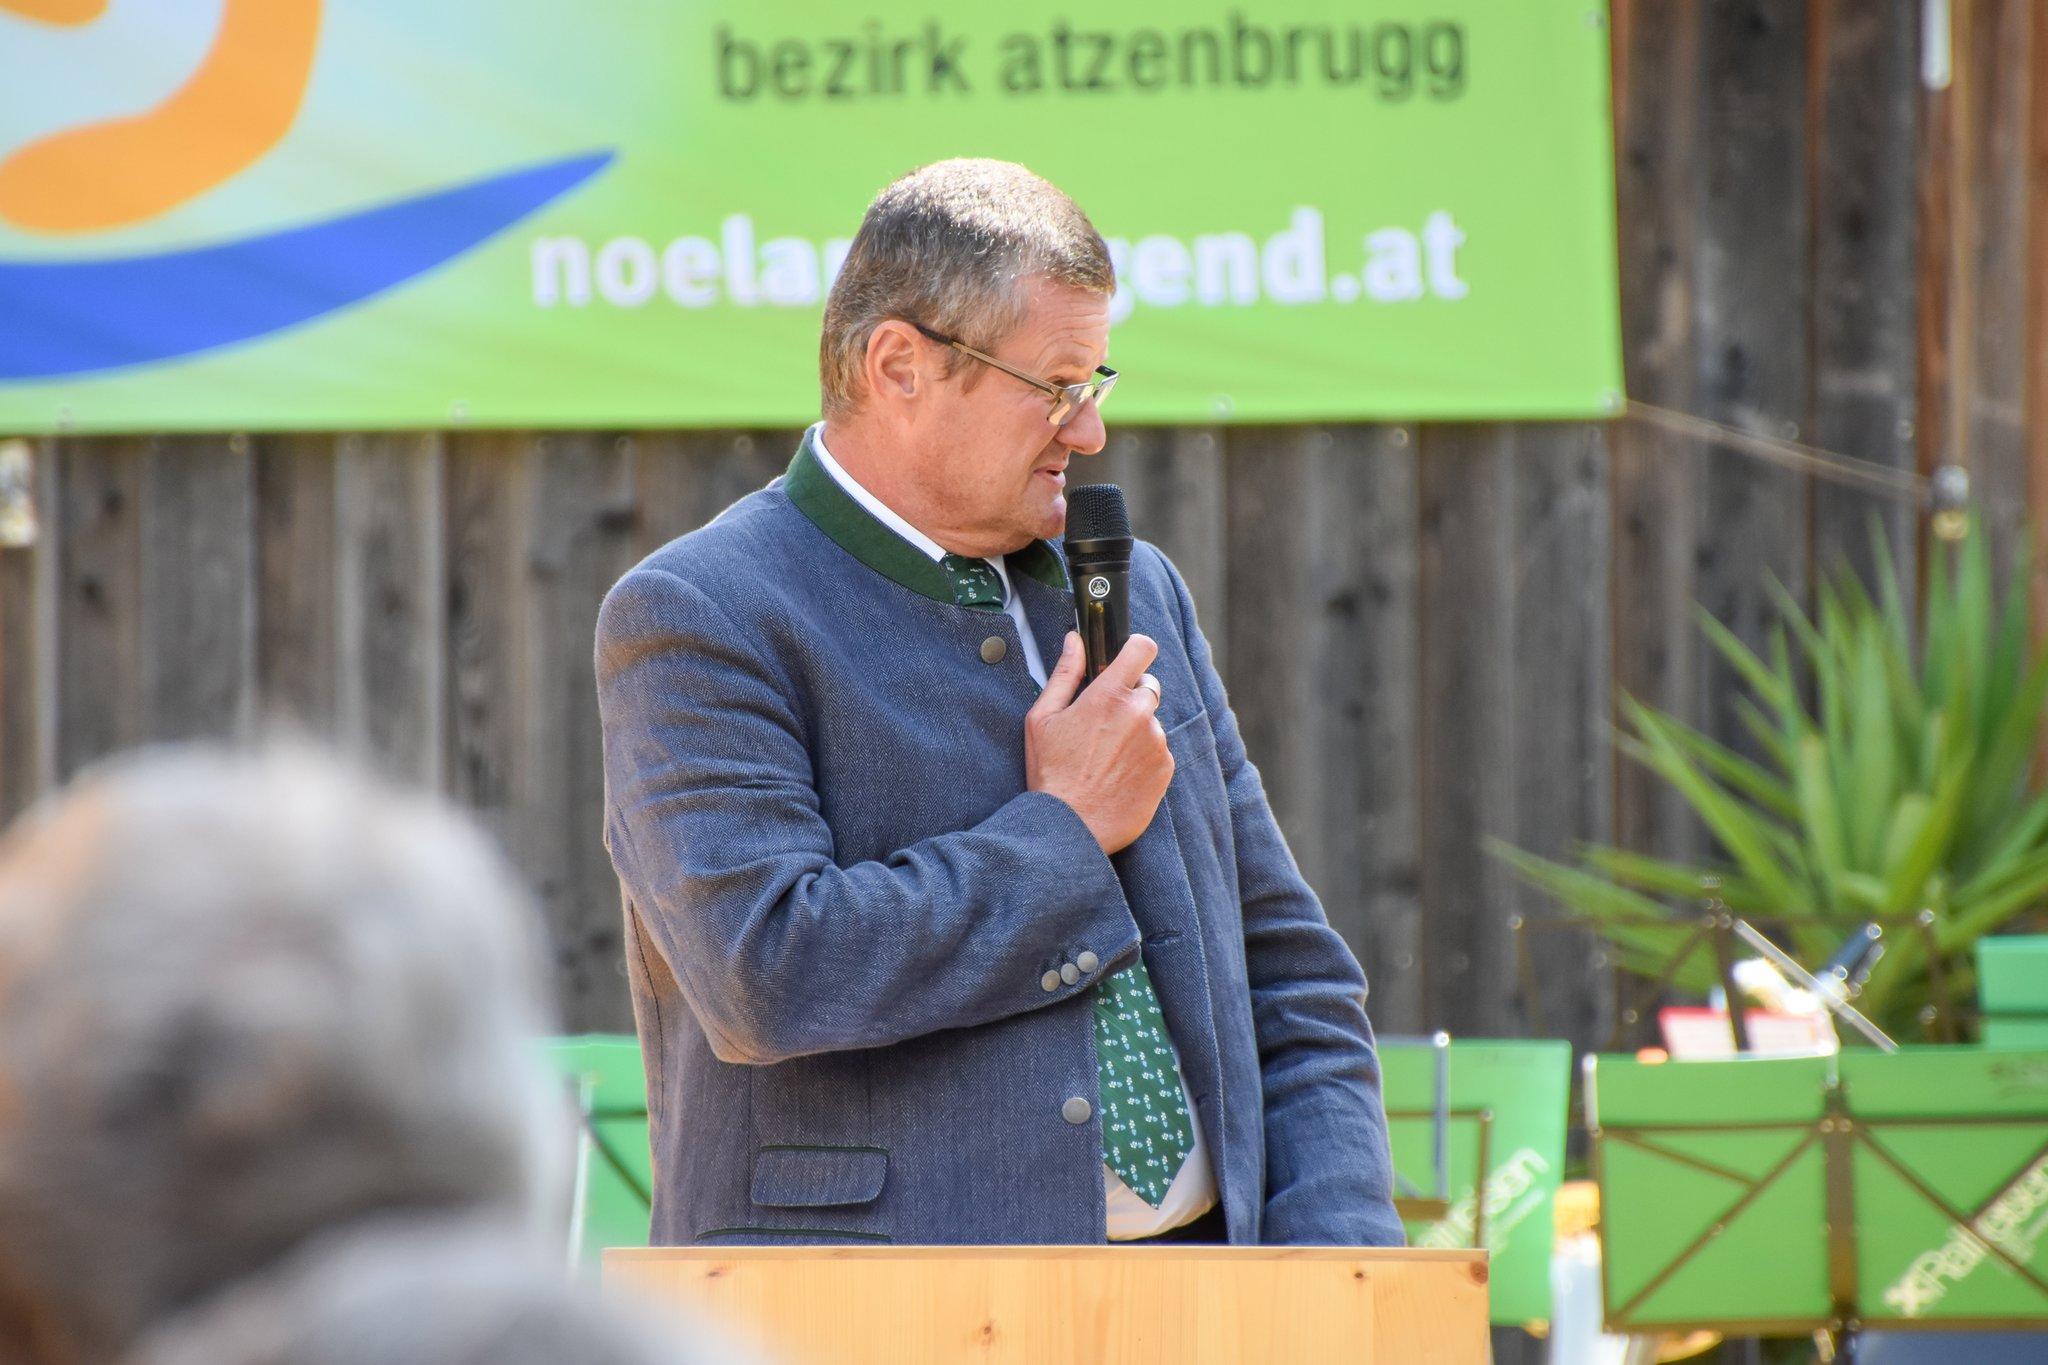 Bekanntschaften in Atzenbrugg - Partnersuche & Kontakte